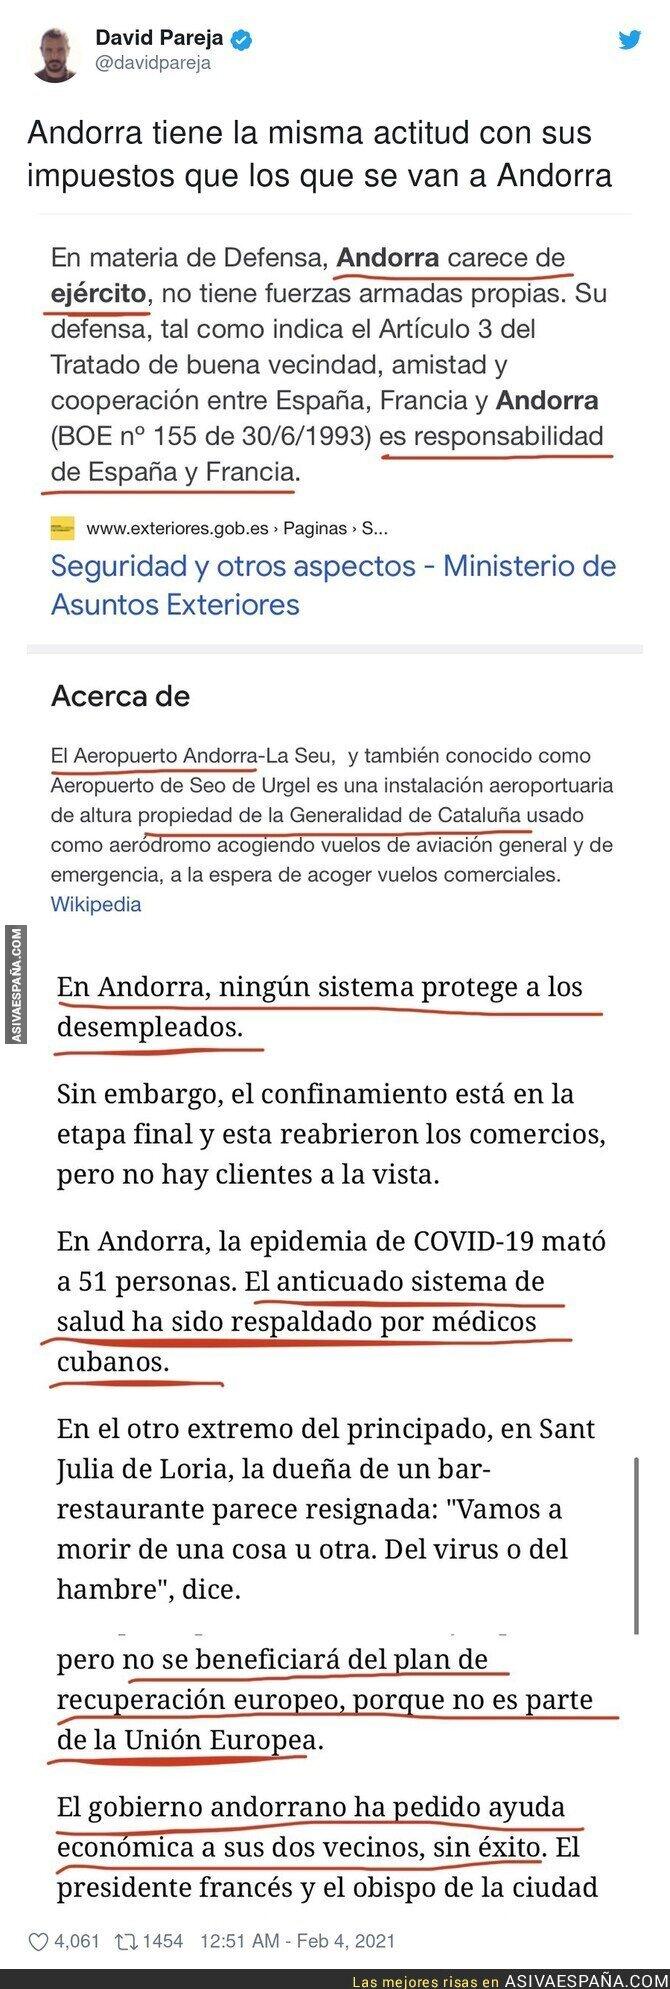 583264 - Cosas que desconocías de Andorra